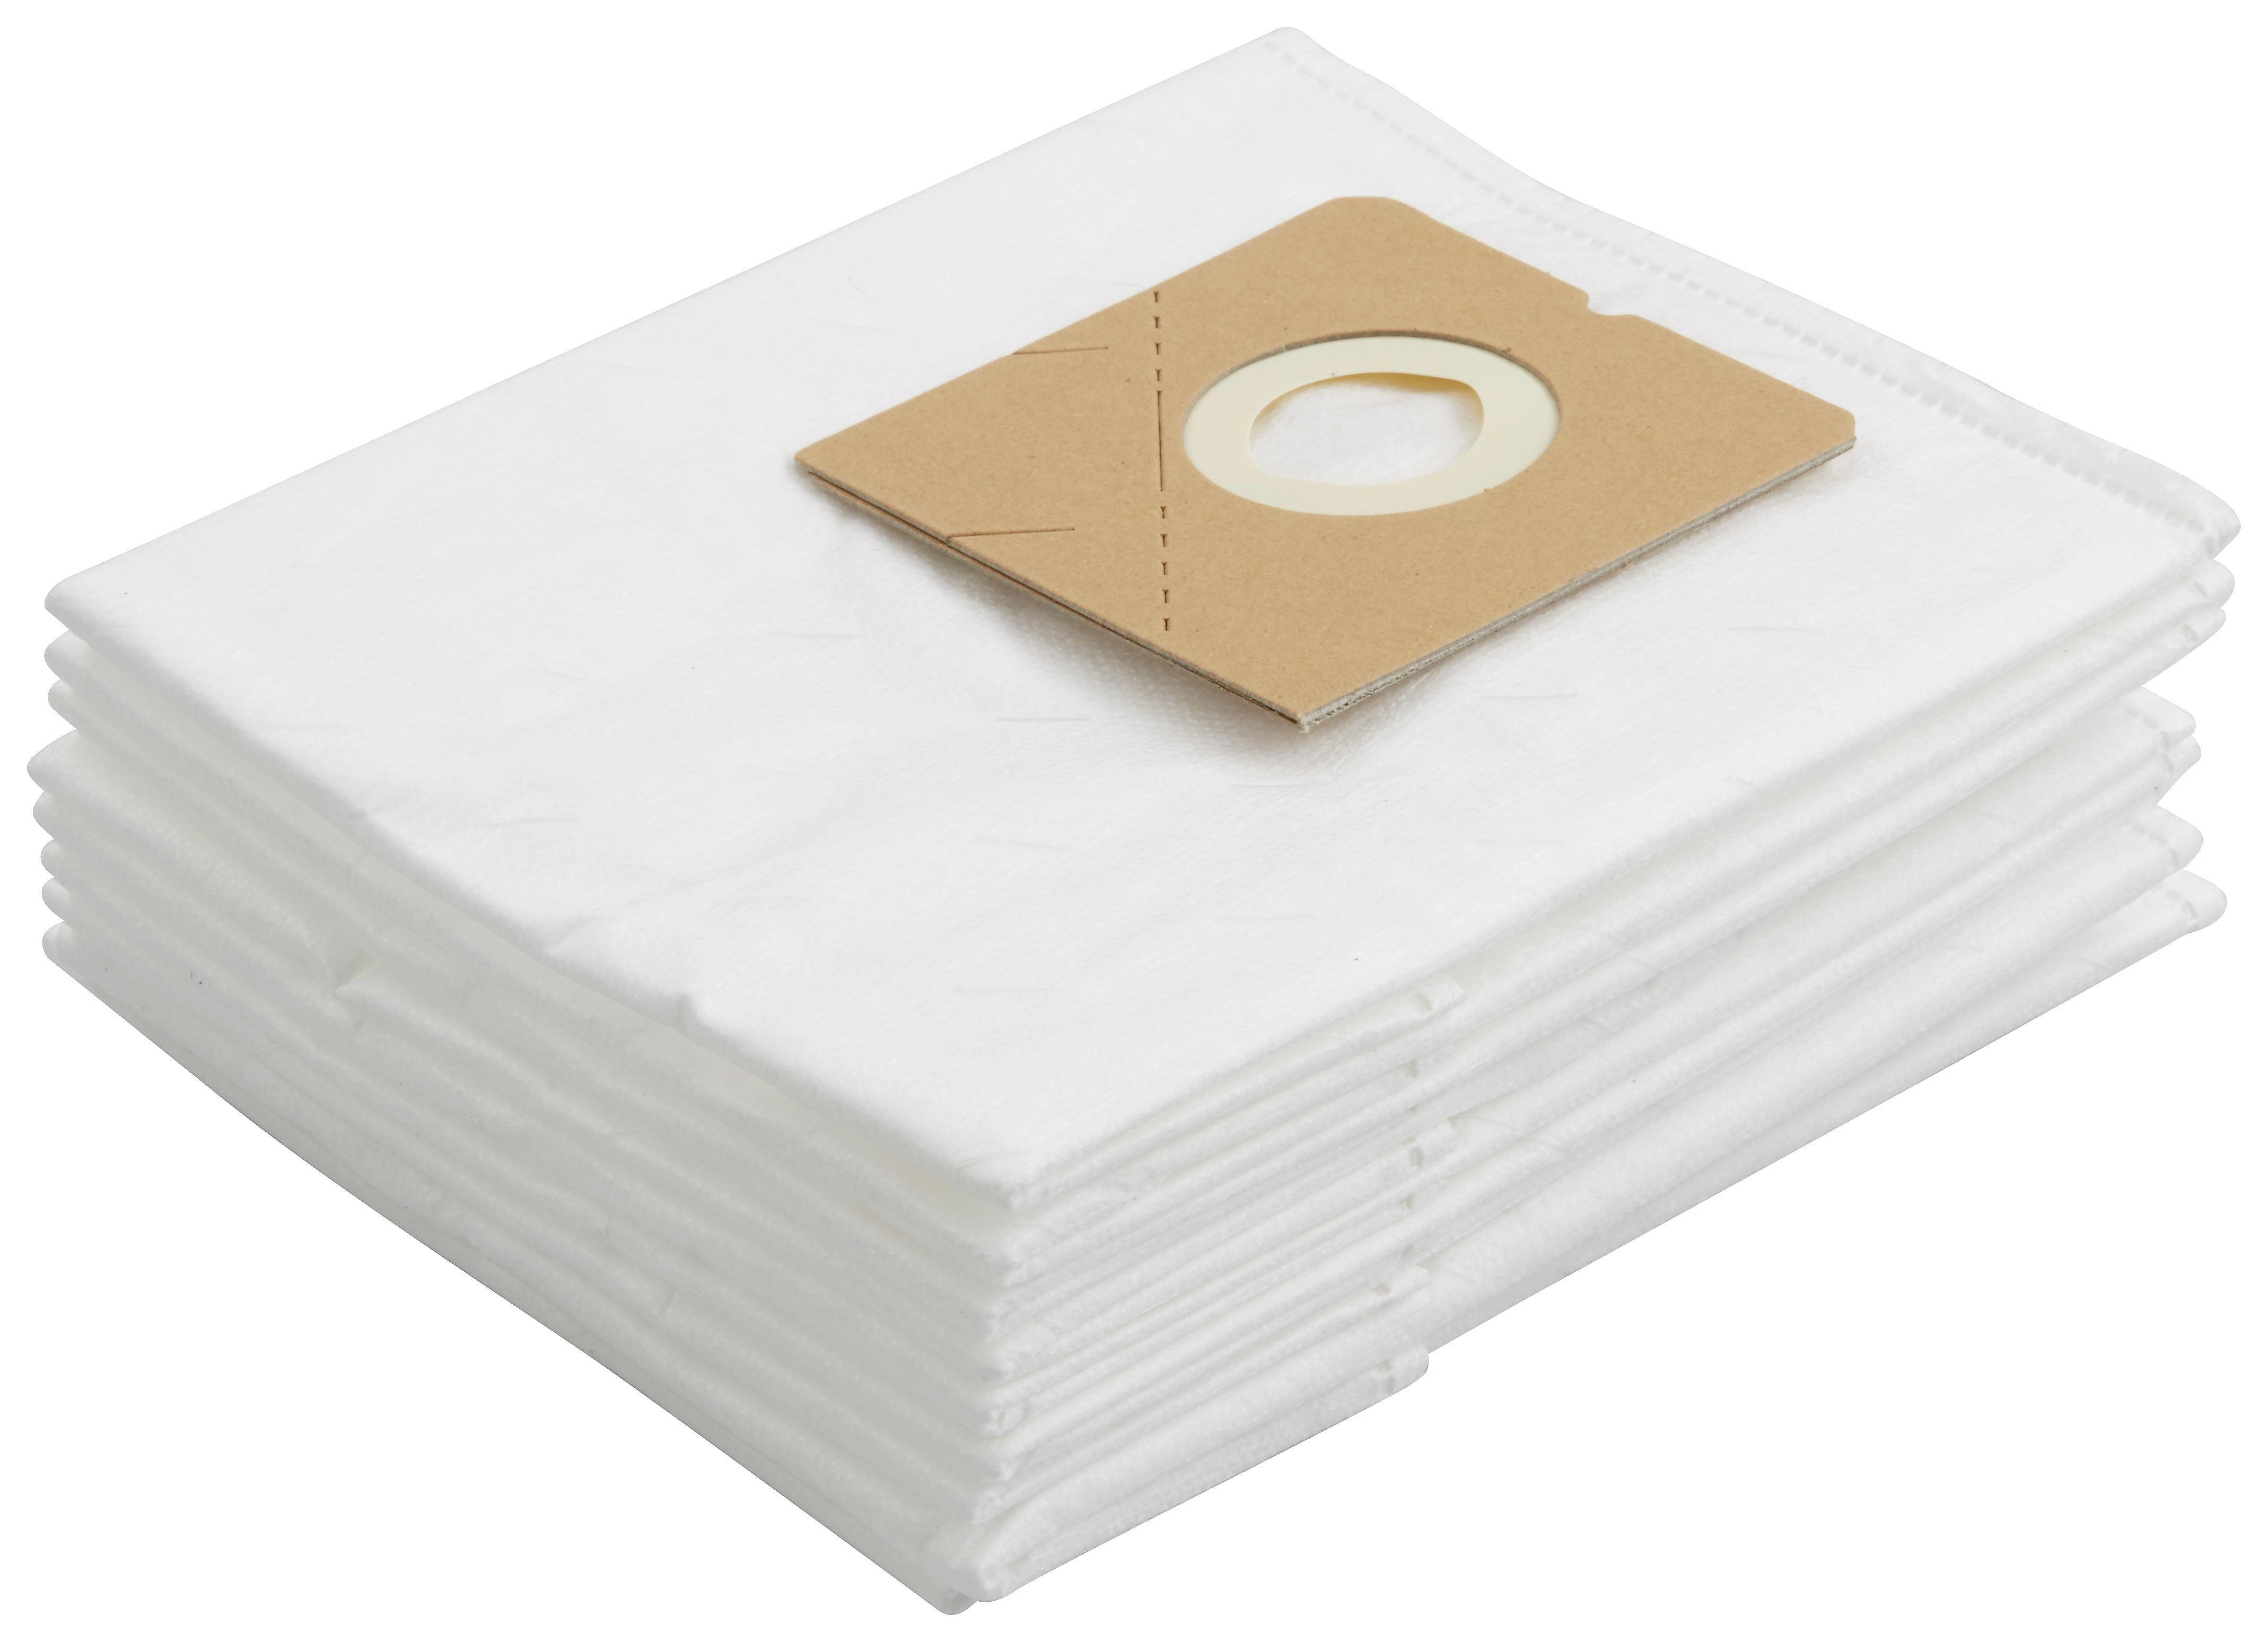 Porszívózsák Lipo - fehér, textil